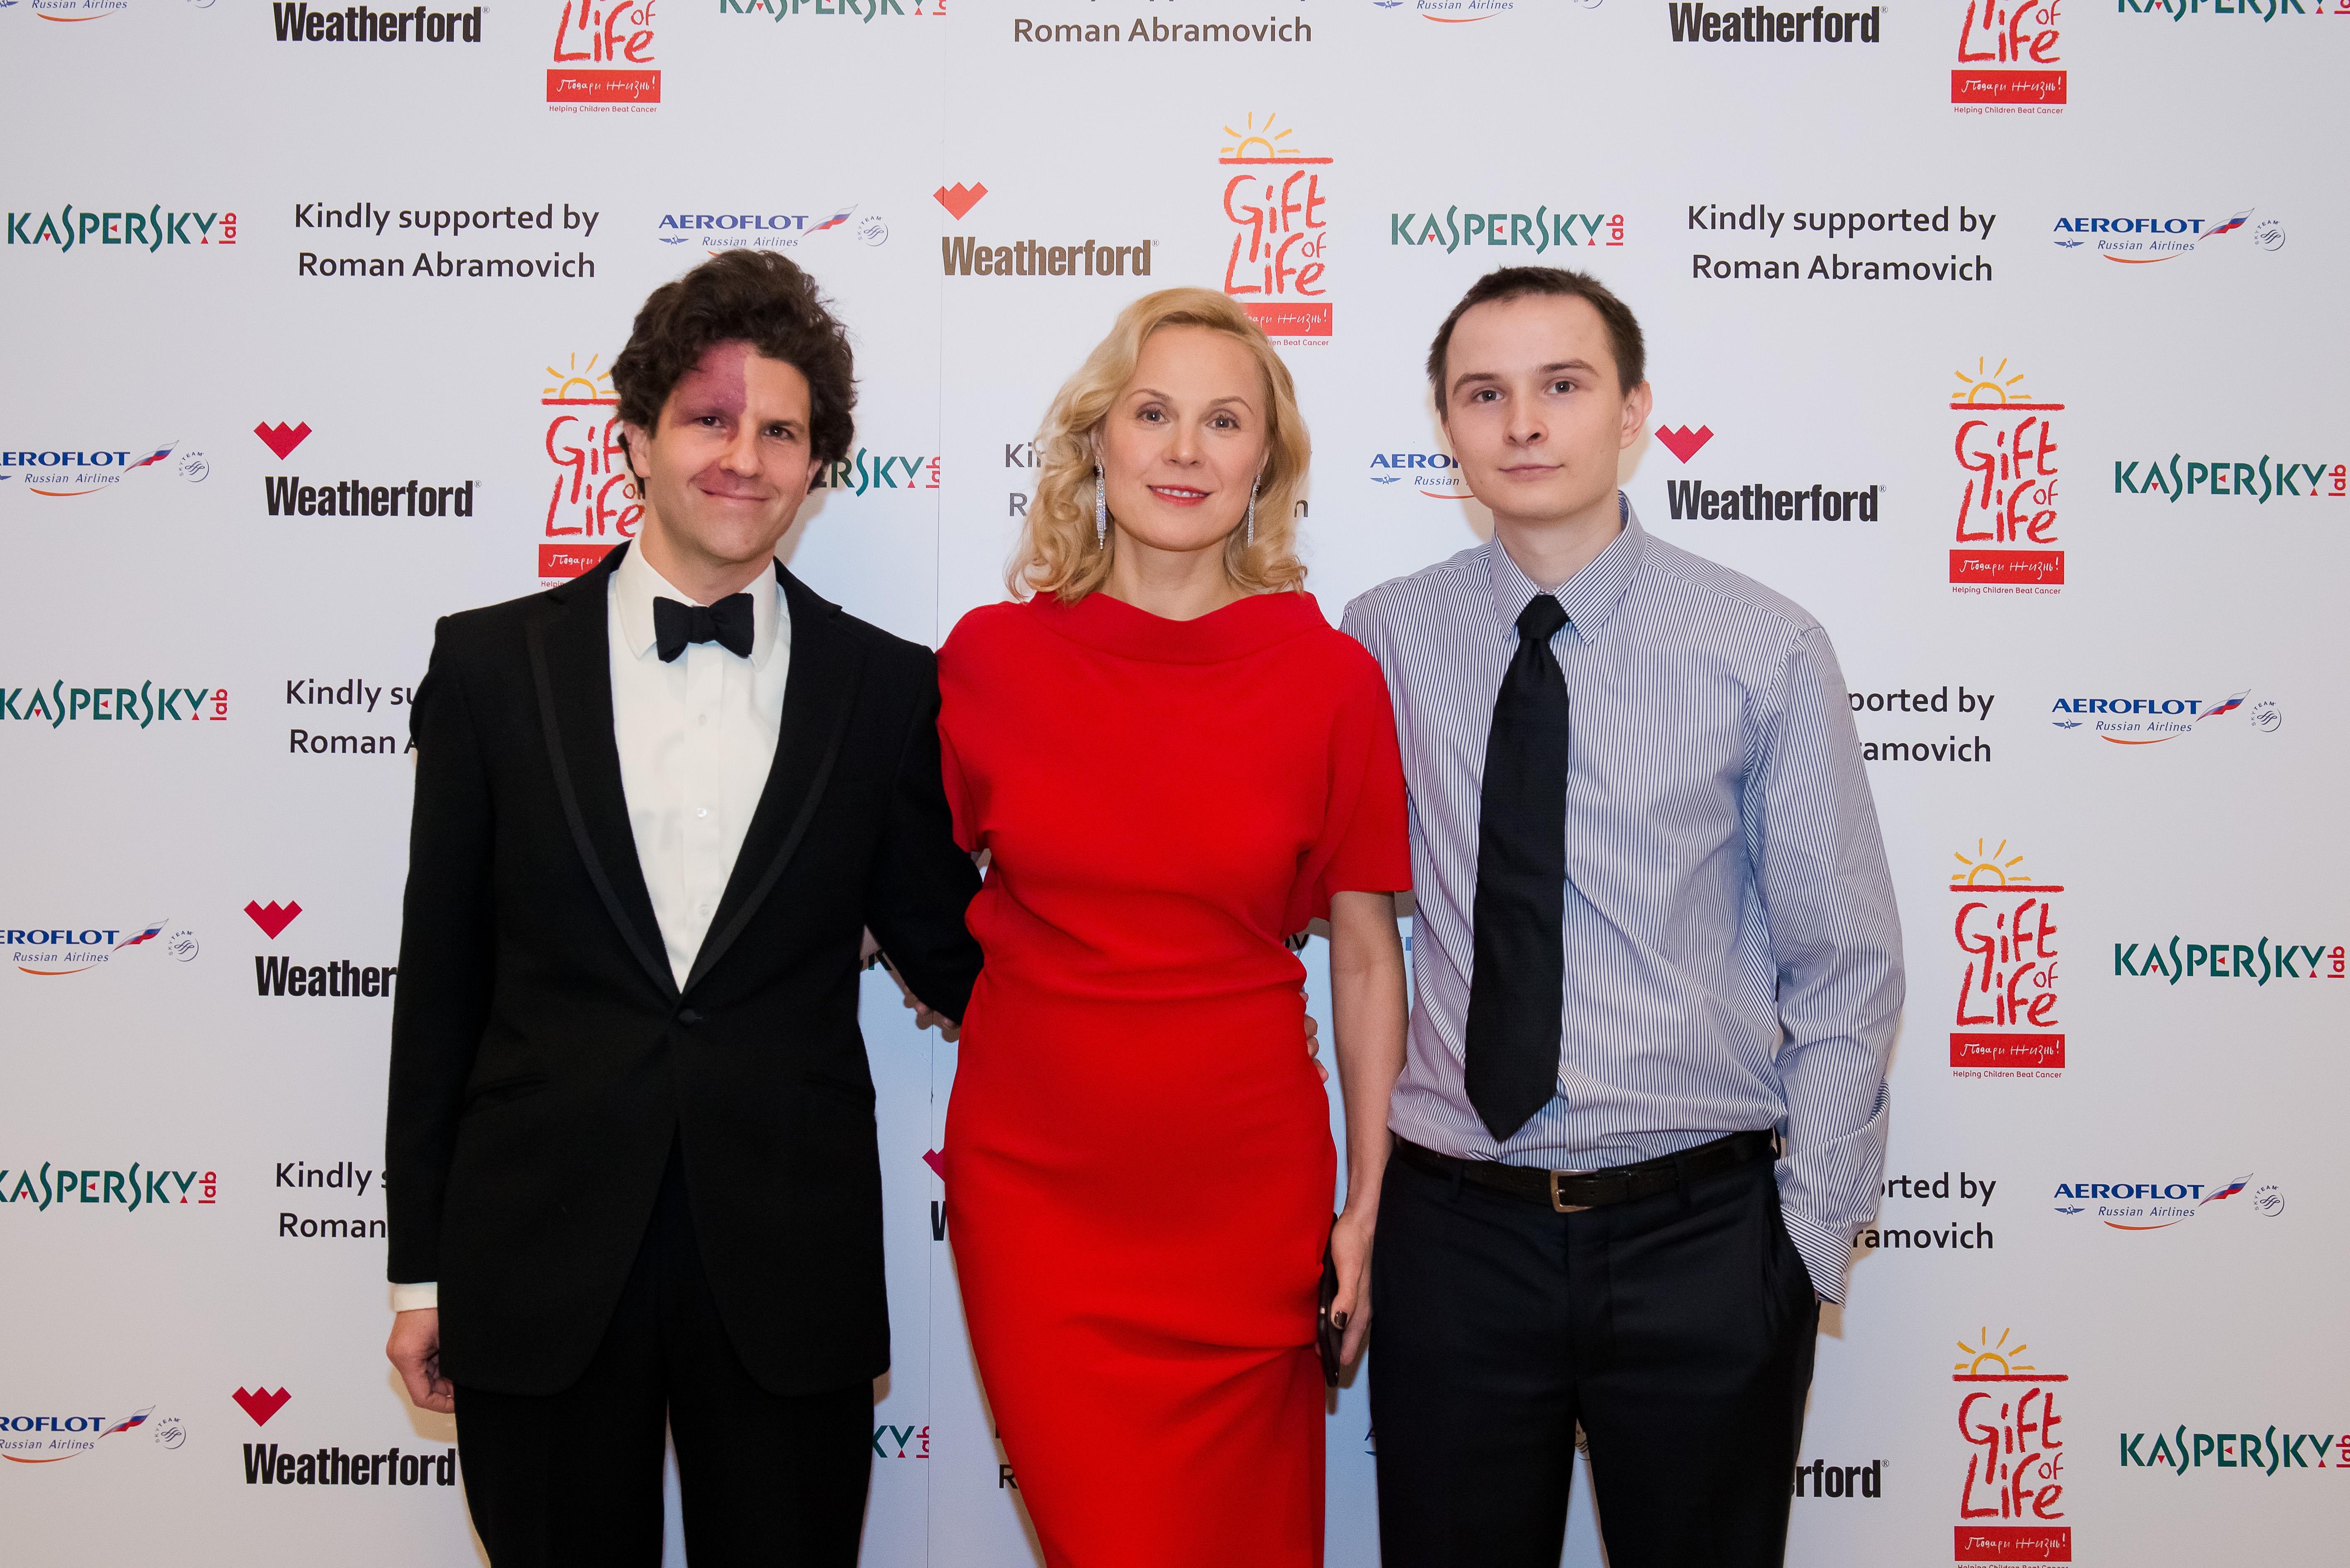 Дина Корзун, ее муж Луи Франк и сын Тимур на благотворительном вечере в пользу подопечных российского фонда «Подари жизнь» в отеле «Савой» в Лондоне. Январь 2015 г.